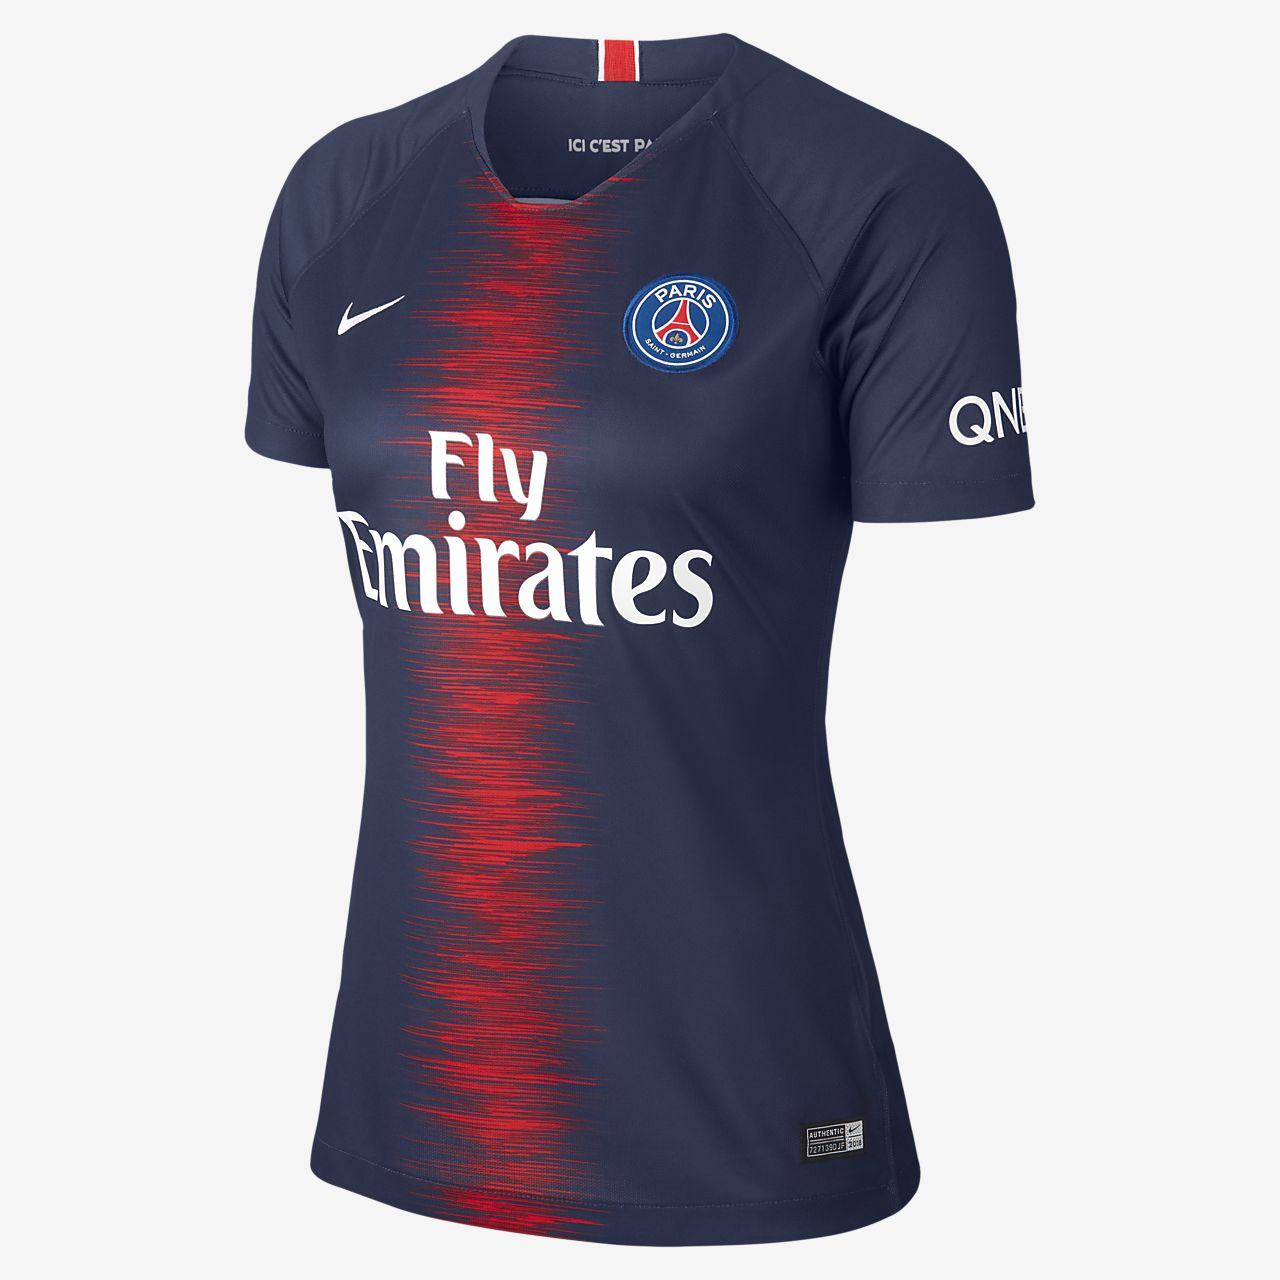 2018 19 Paris Saint-Germain Stadium Home Women s Football Shirt ... 64d0d4790a3